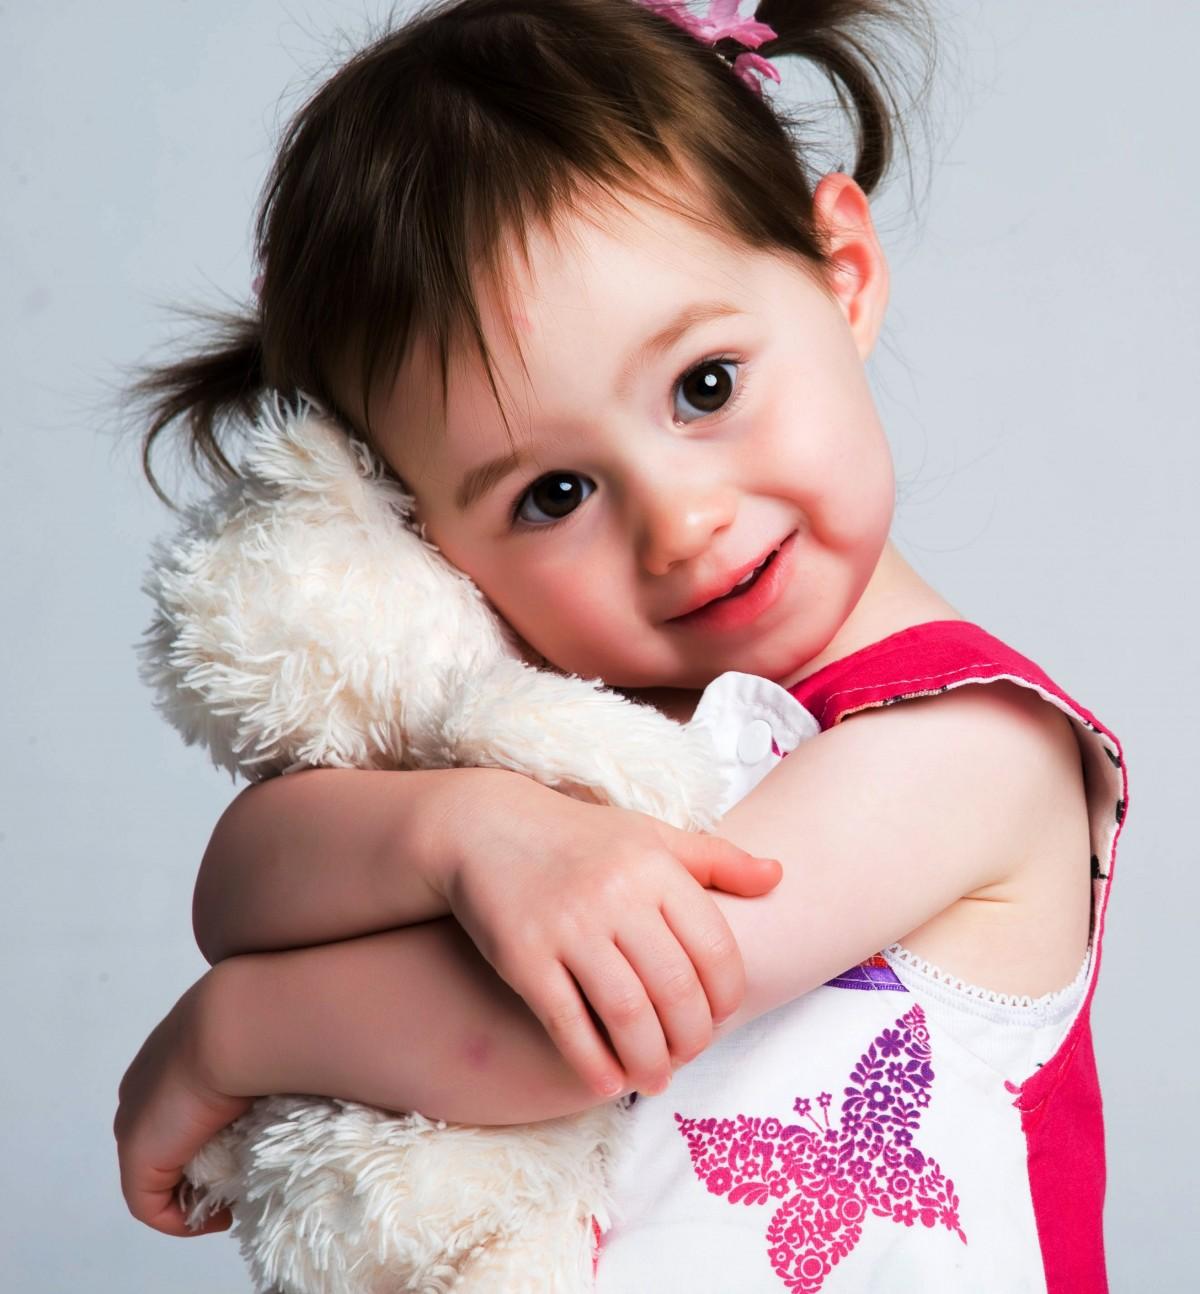 Болей, фотки картинки детей